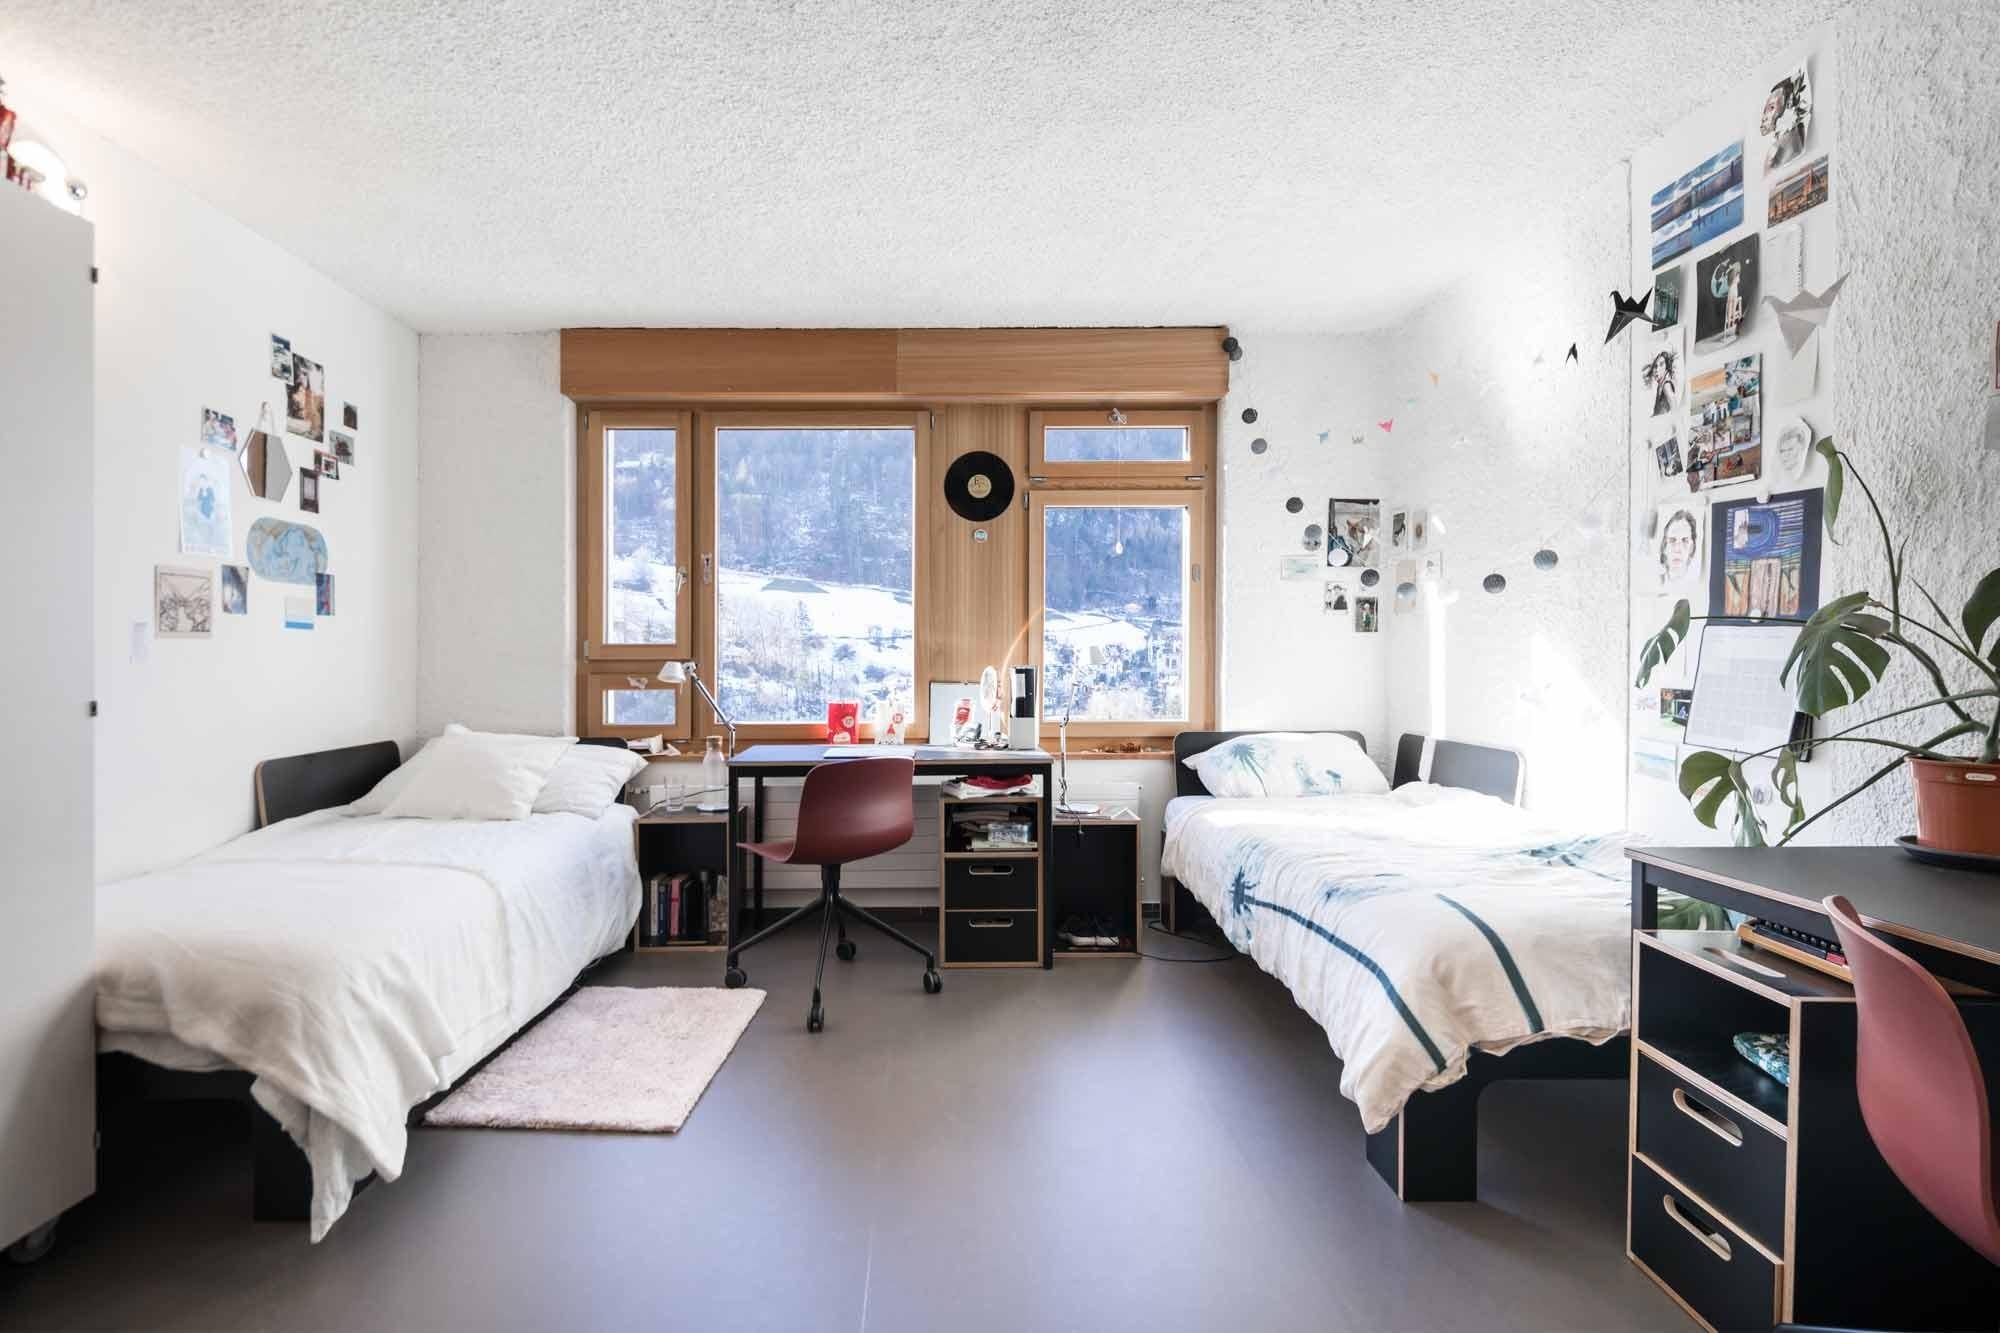 Doppelzimmer im sanierten Konvikt Chur